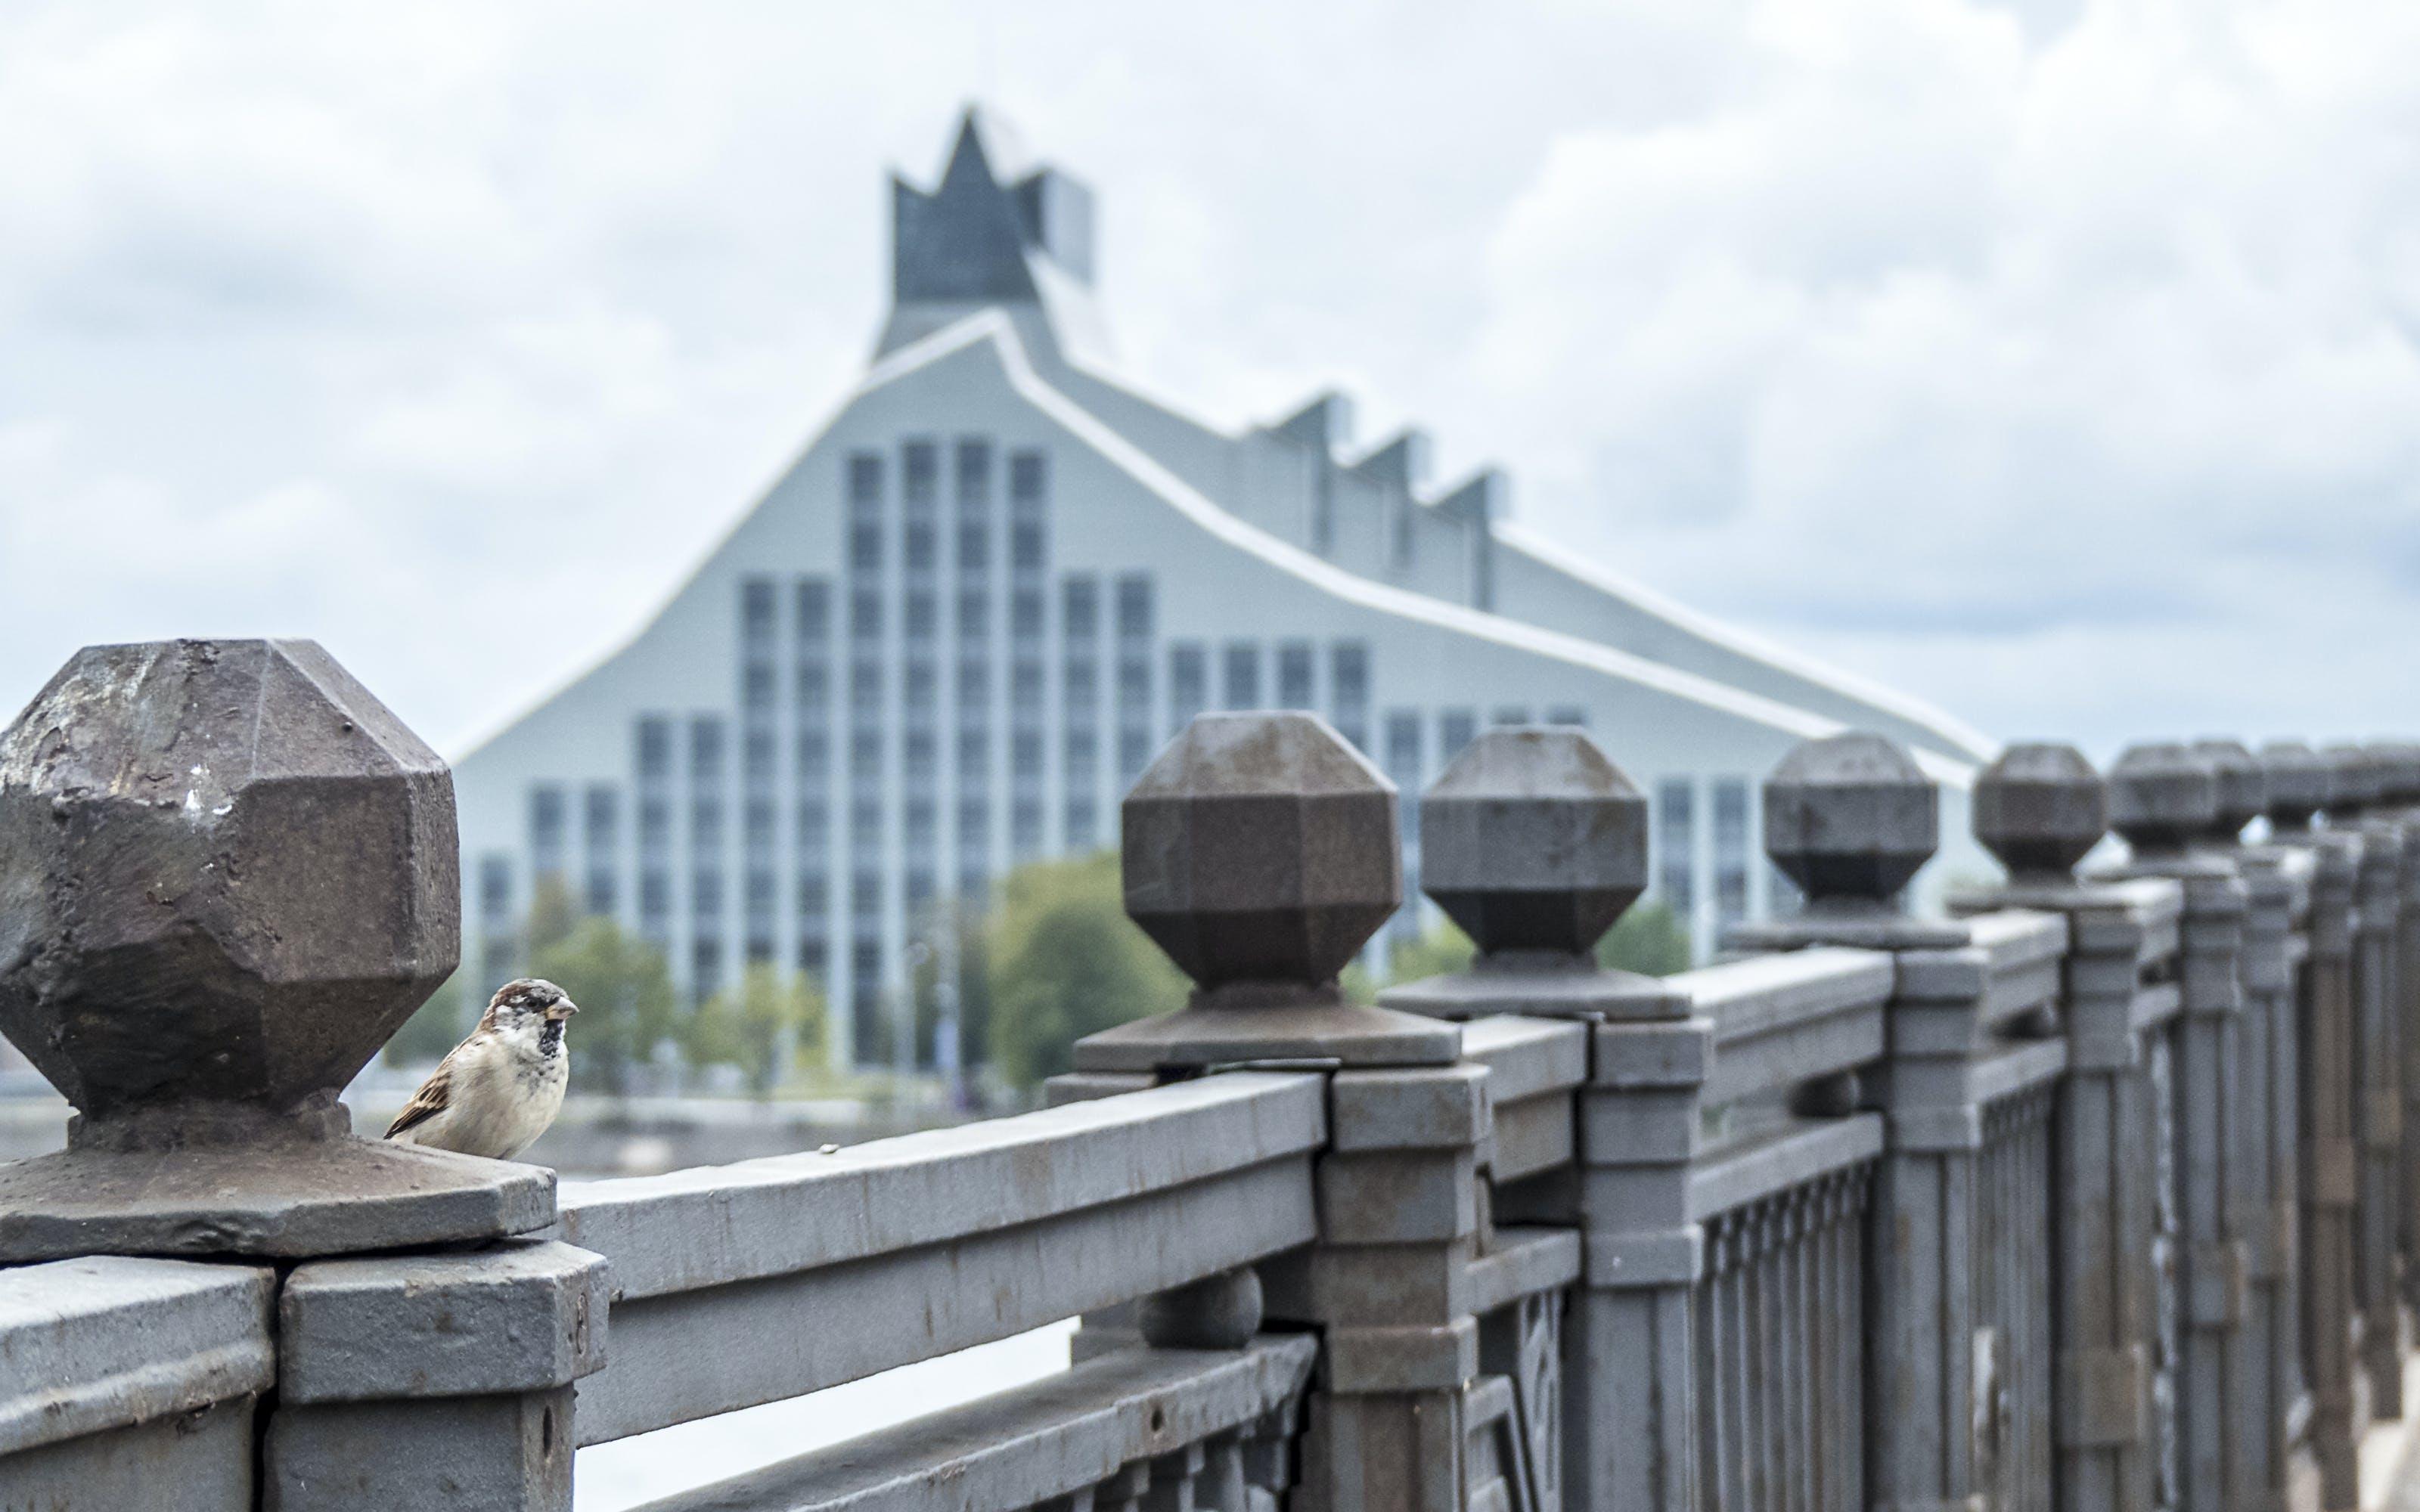 Δωρεάν στοκ φωτογραφιών με γέφυρα, μοντέρνο κτήριο, σπουργίτι